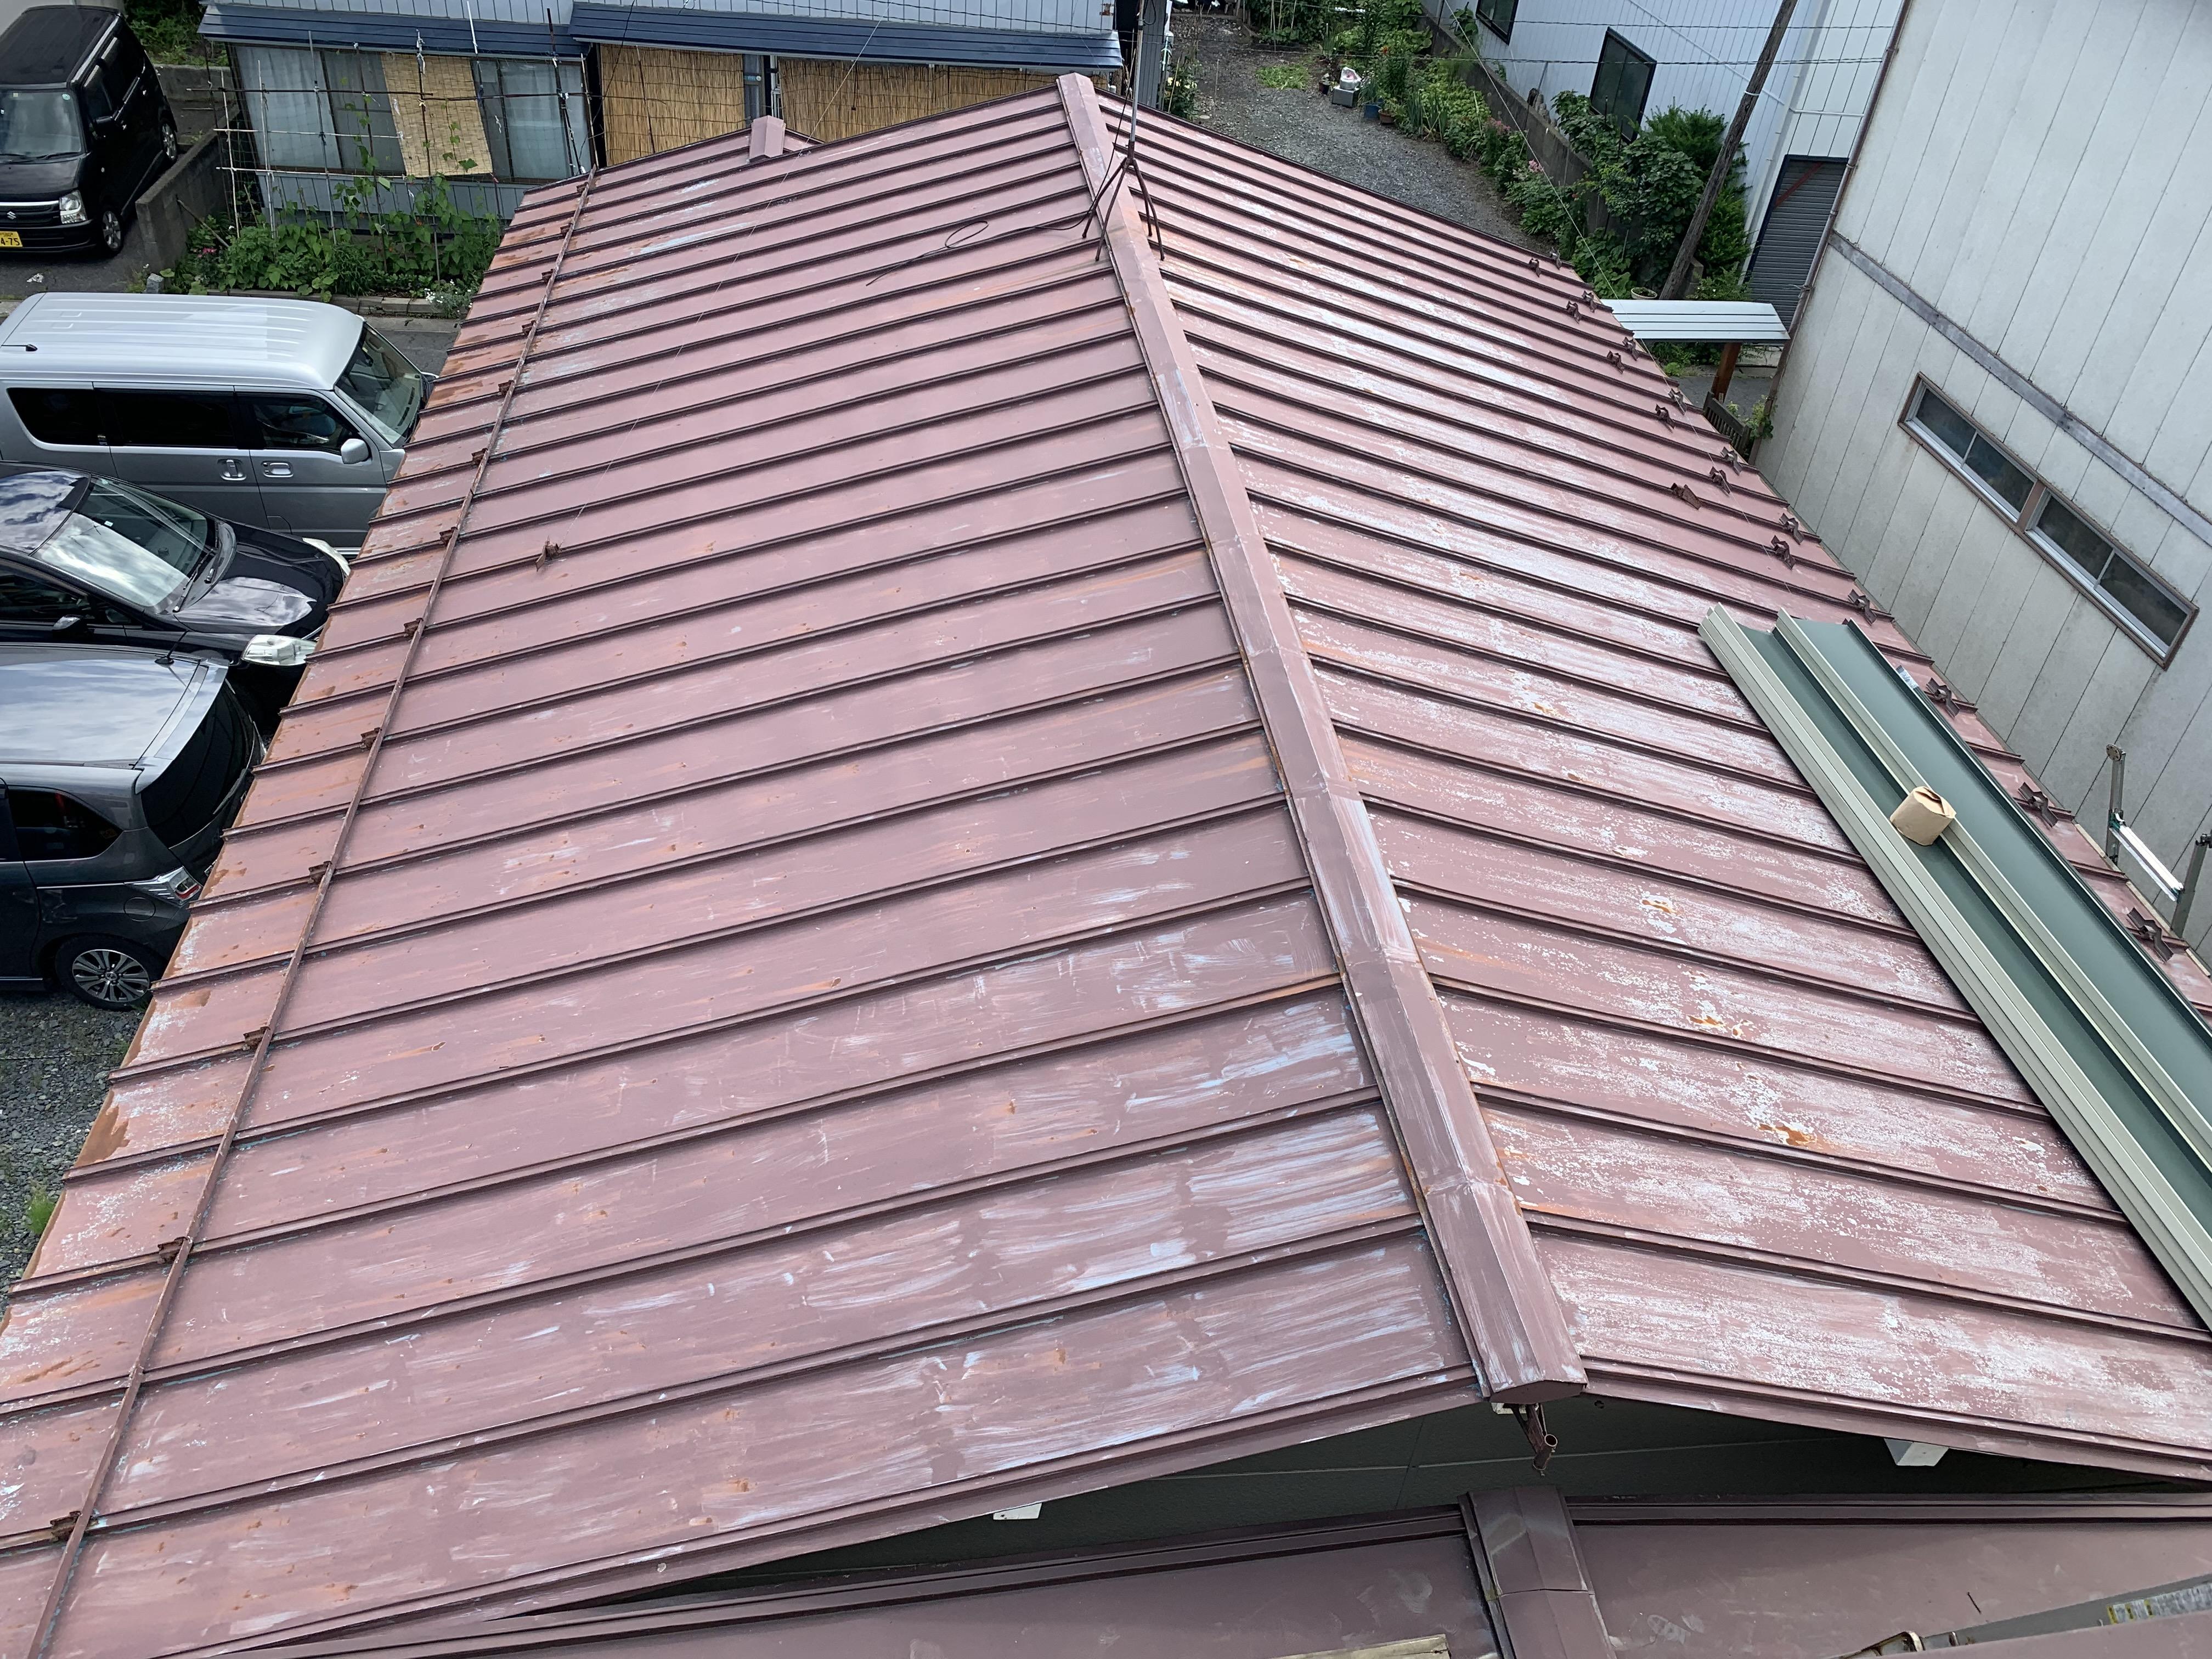 【八戸】屋根の重ね張りが完工しました! 外壁塗装|屋根塗装|塗装業者|塗装屋|塗装会社